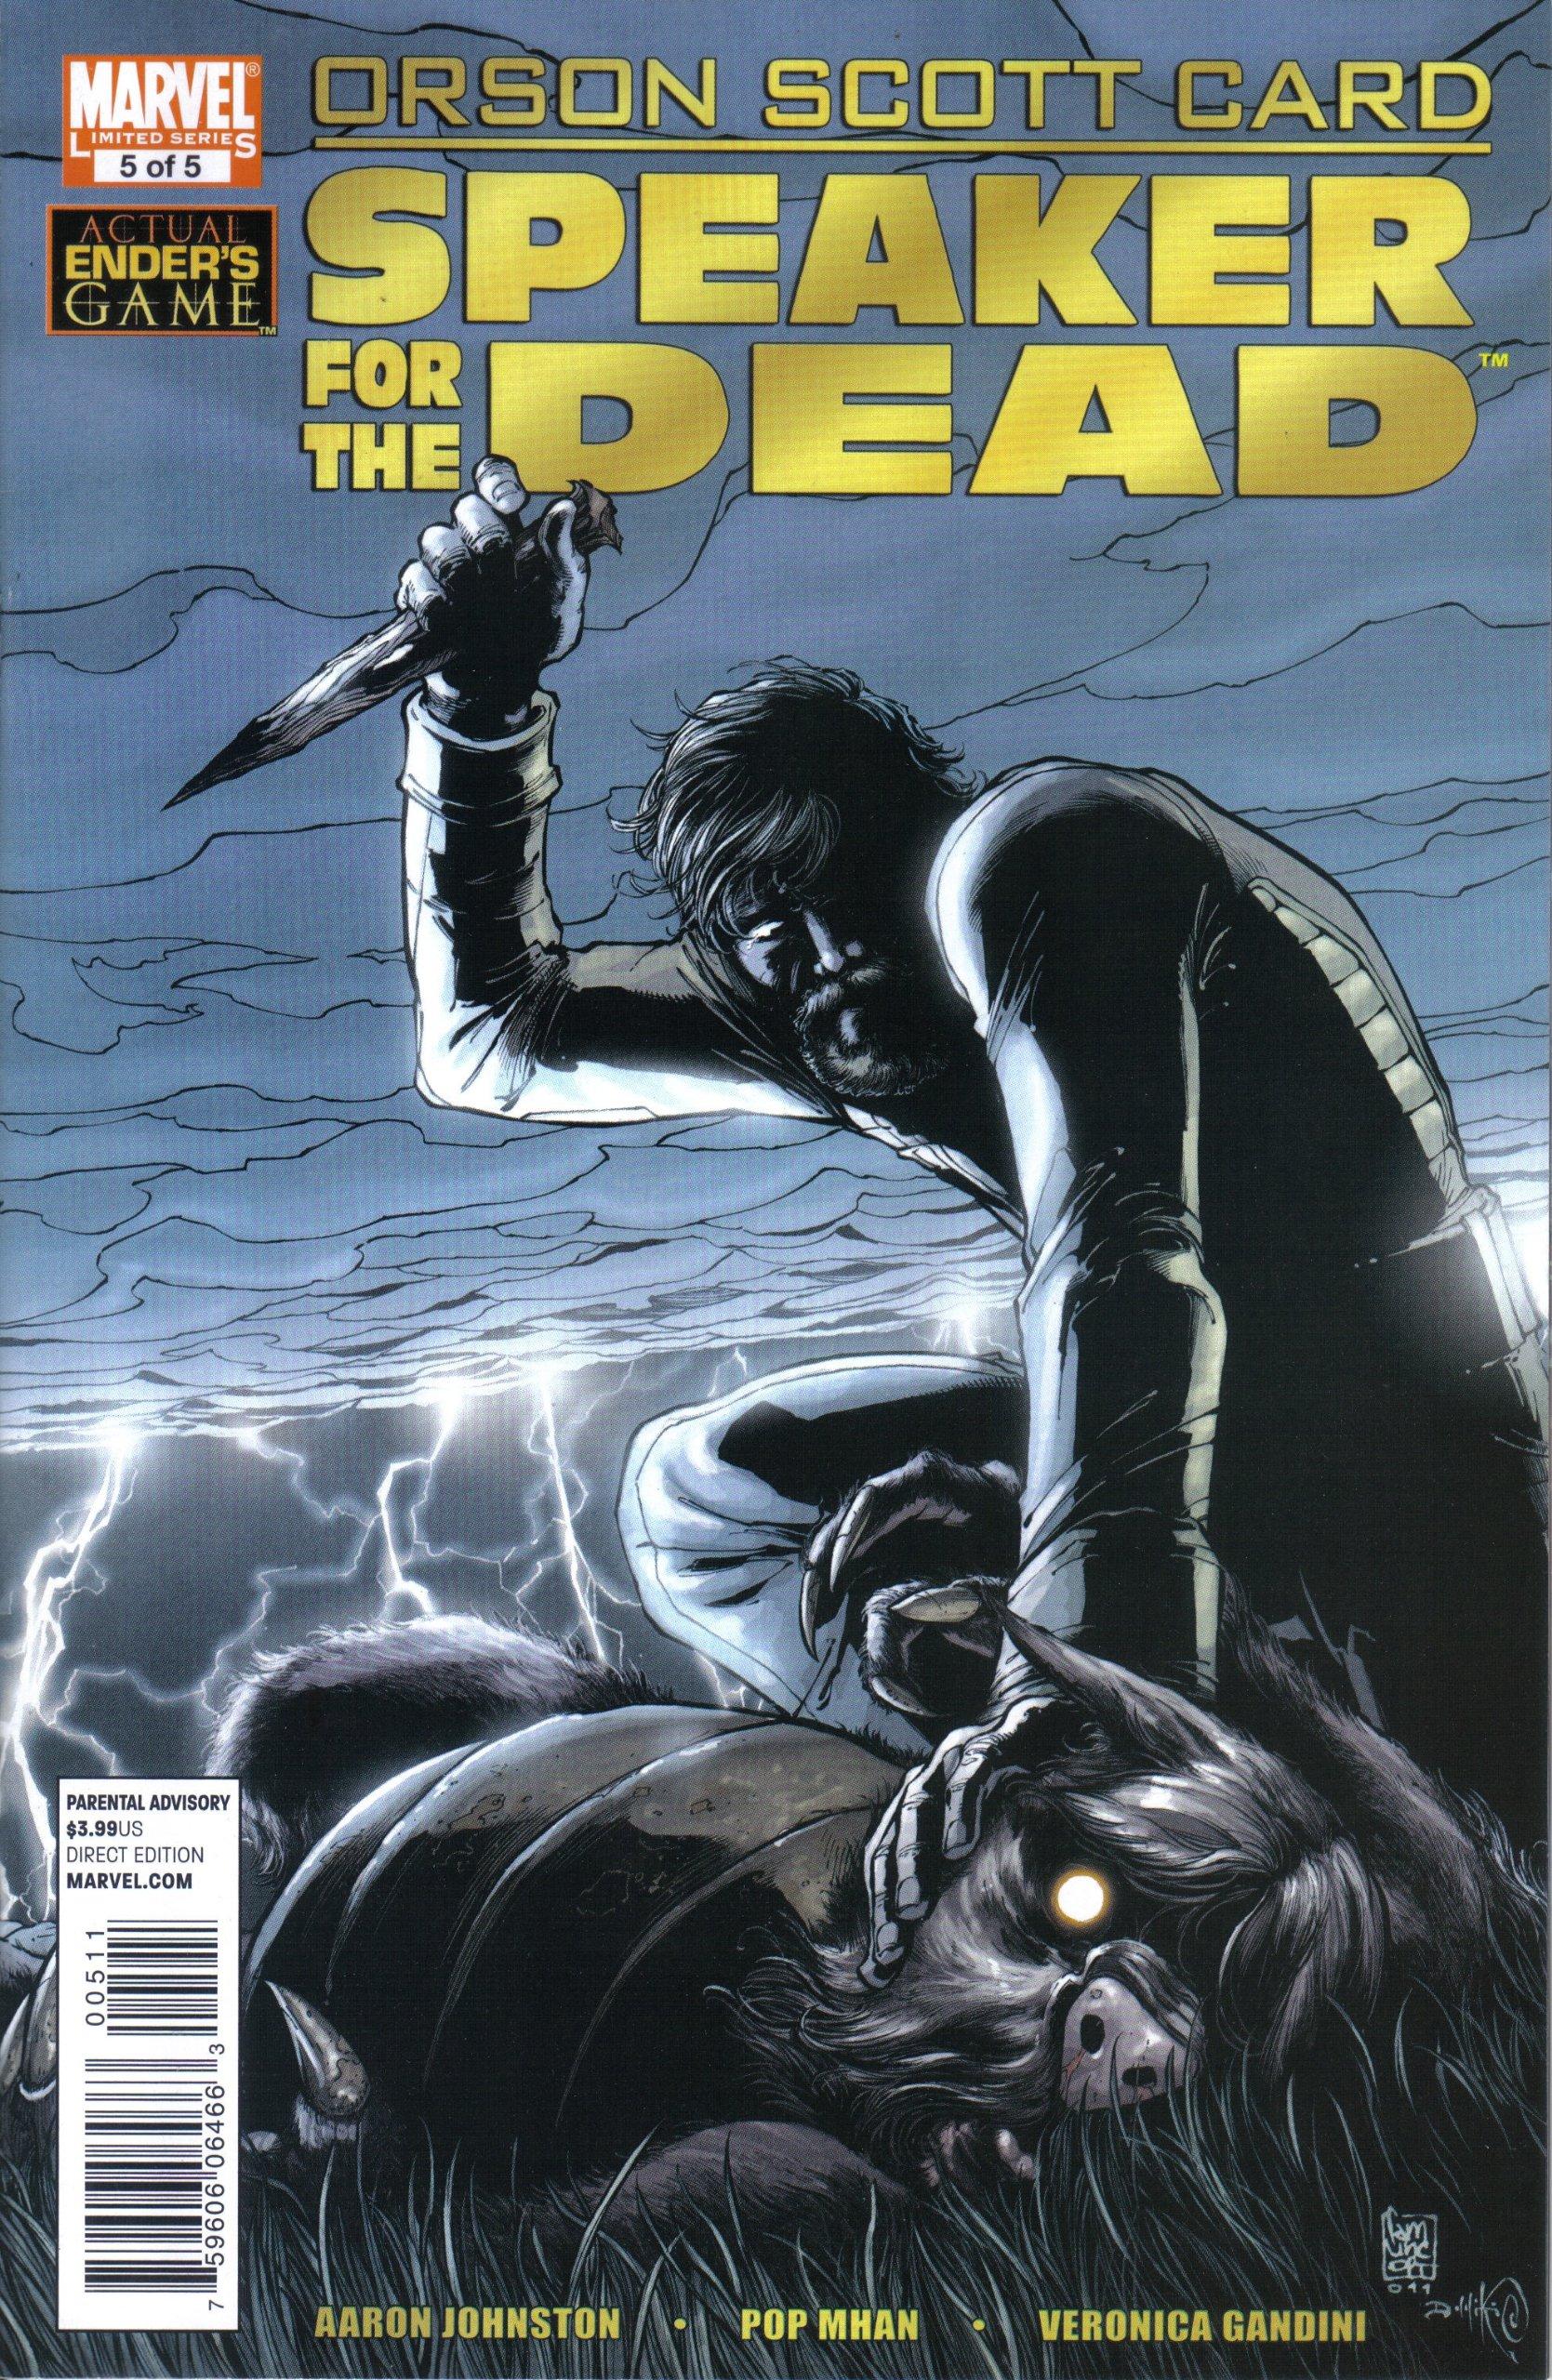 Amazon.com: Orson Scott Card Speaker for the Dead No. 10: Books